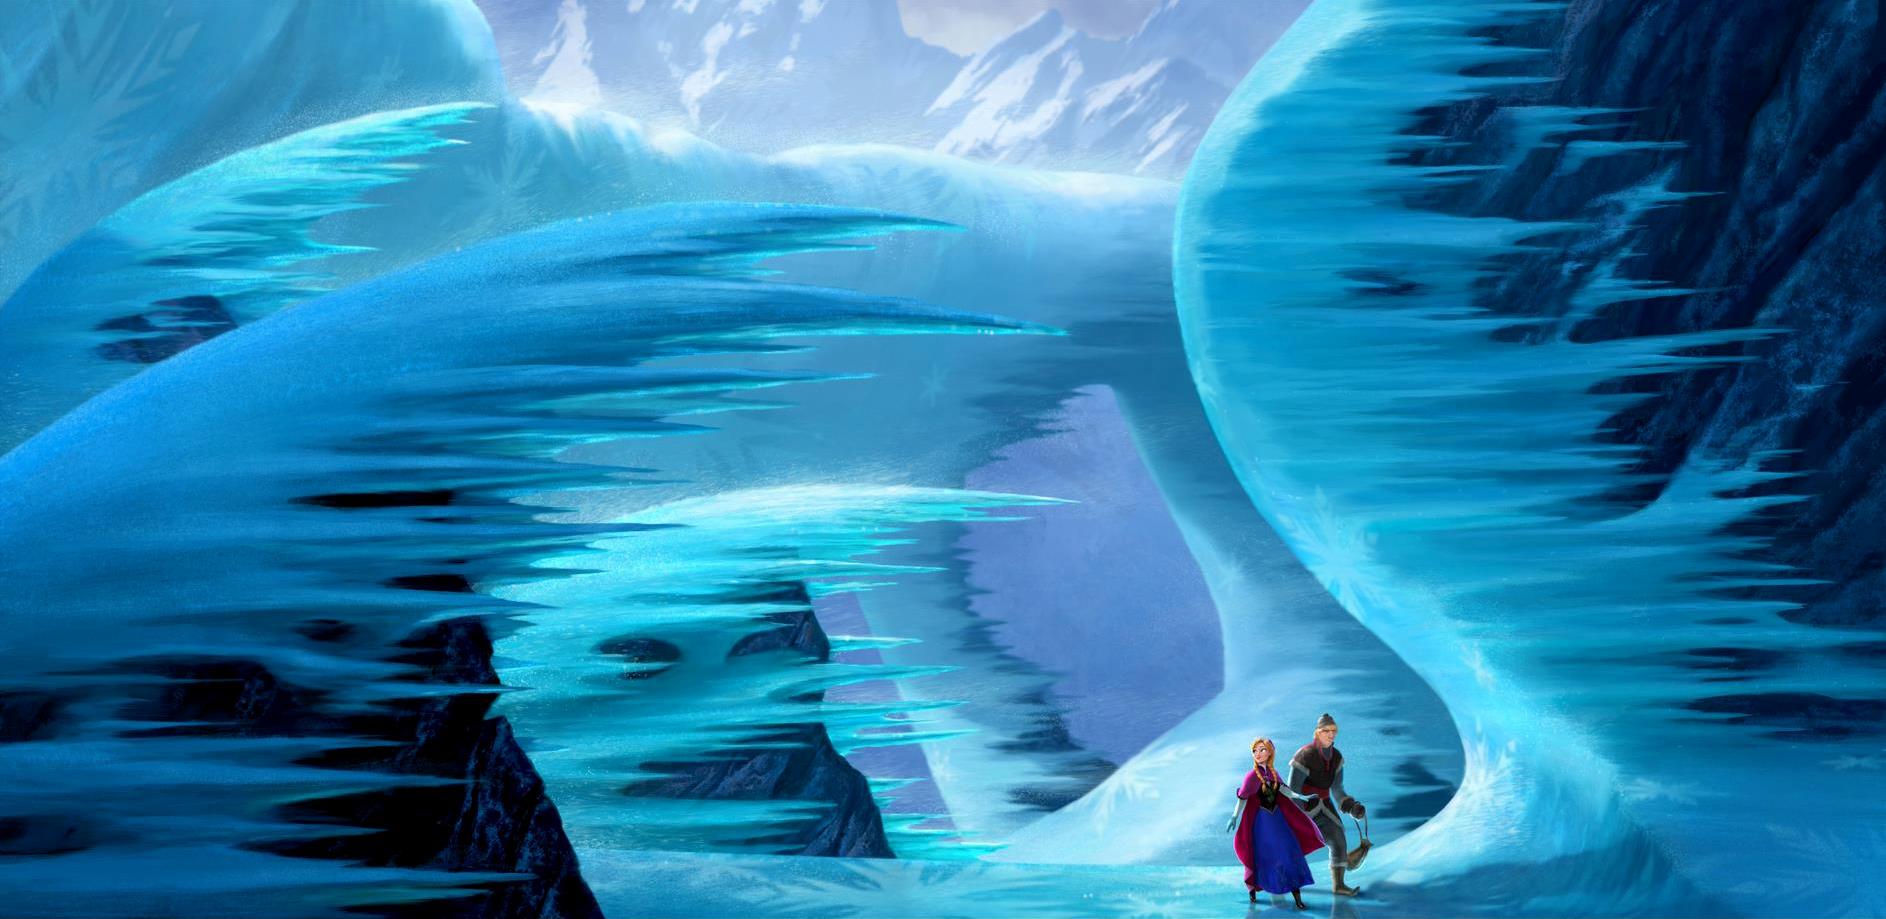 [Walt Disney] La Reine des Neiges (2013) - Sujet d'avant-sortie - Page 21 Frozenca3